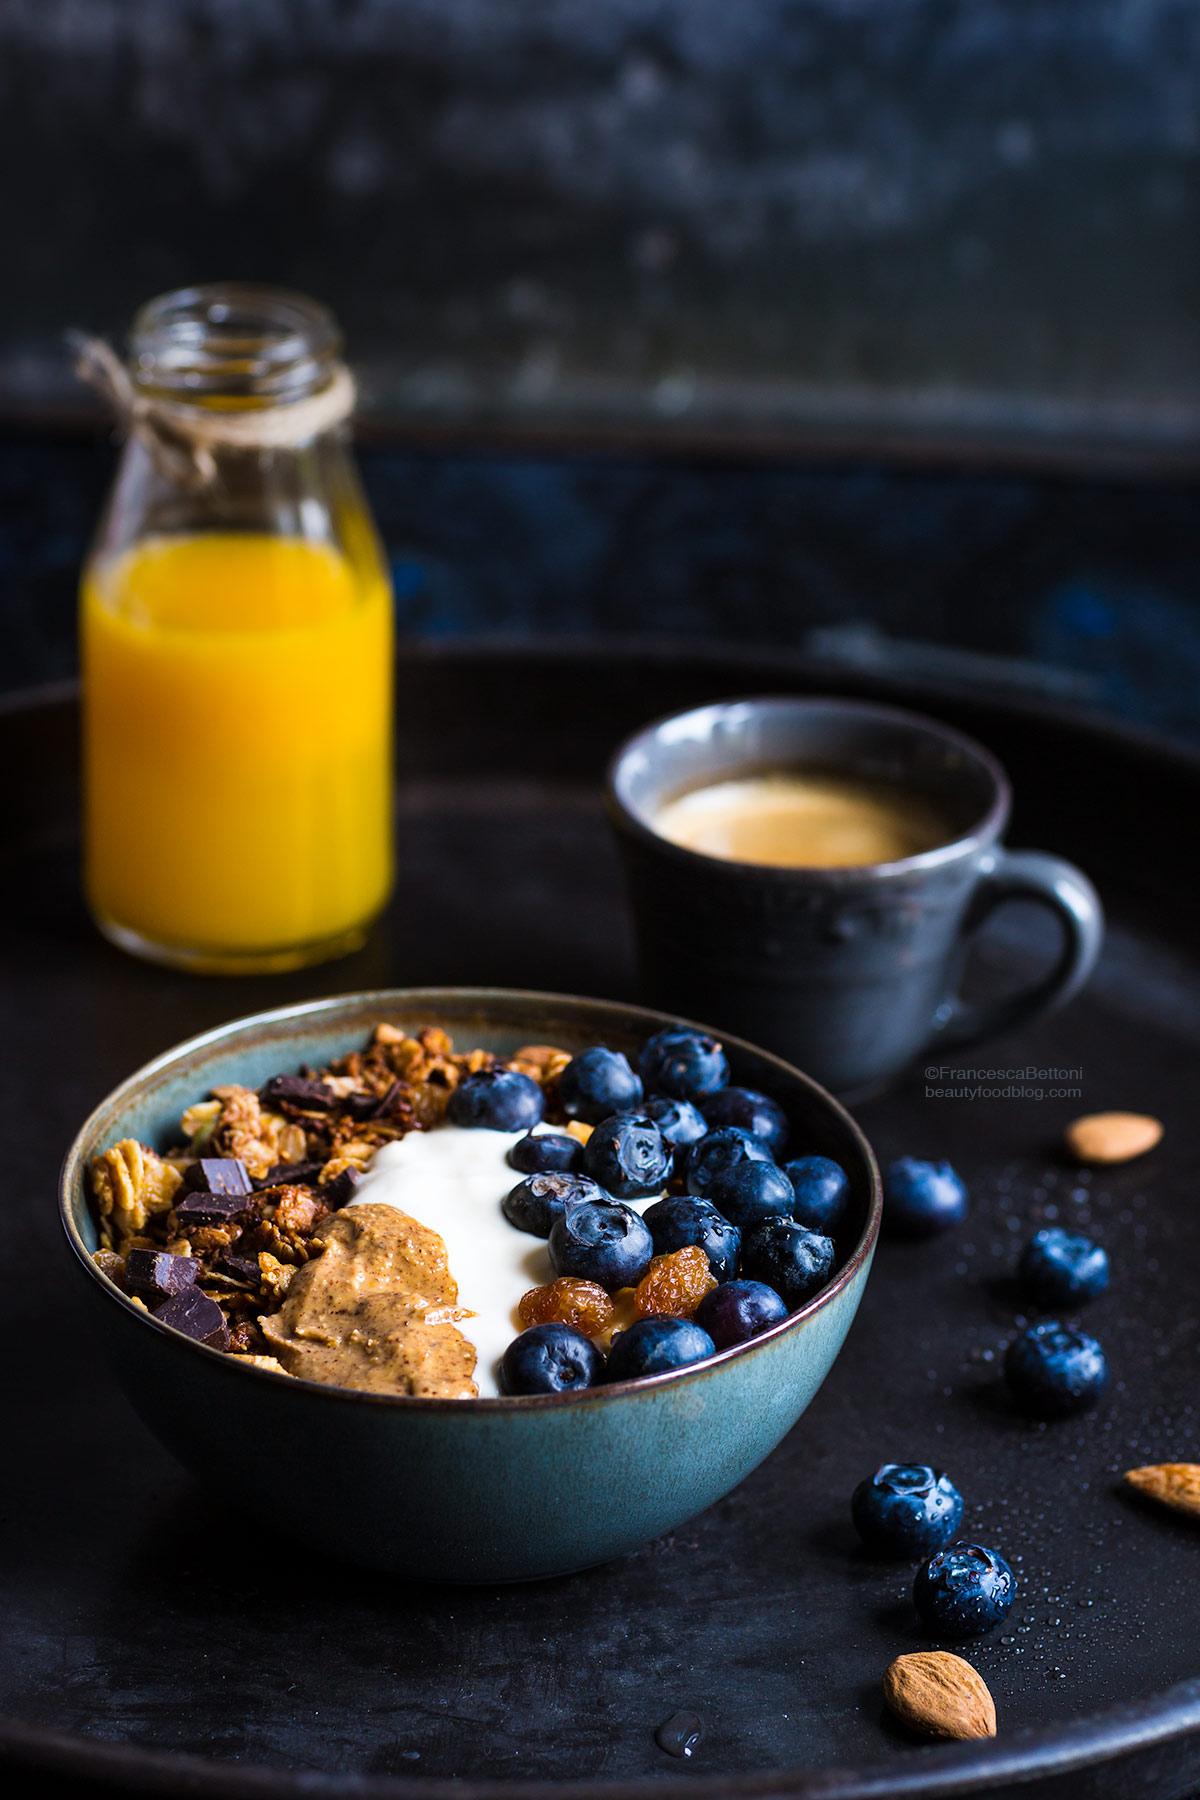 #glutenfree vegan chocolate coconut almond granola #crunchy - granola vegan cioccolato cocco e mandorle croccante senza glutine sciroppo d'acero